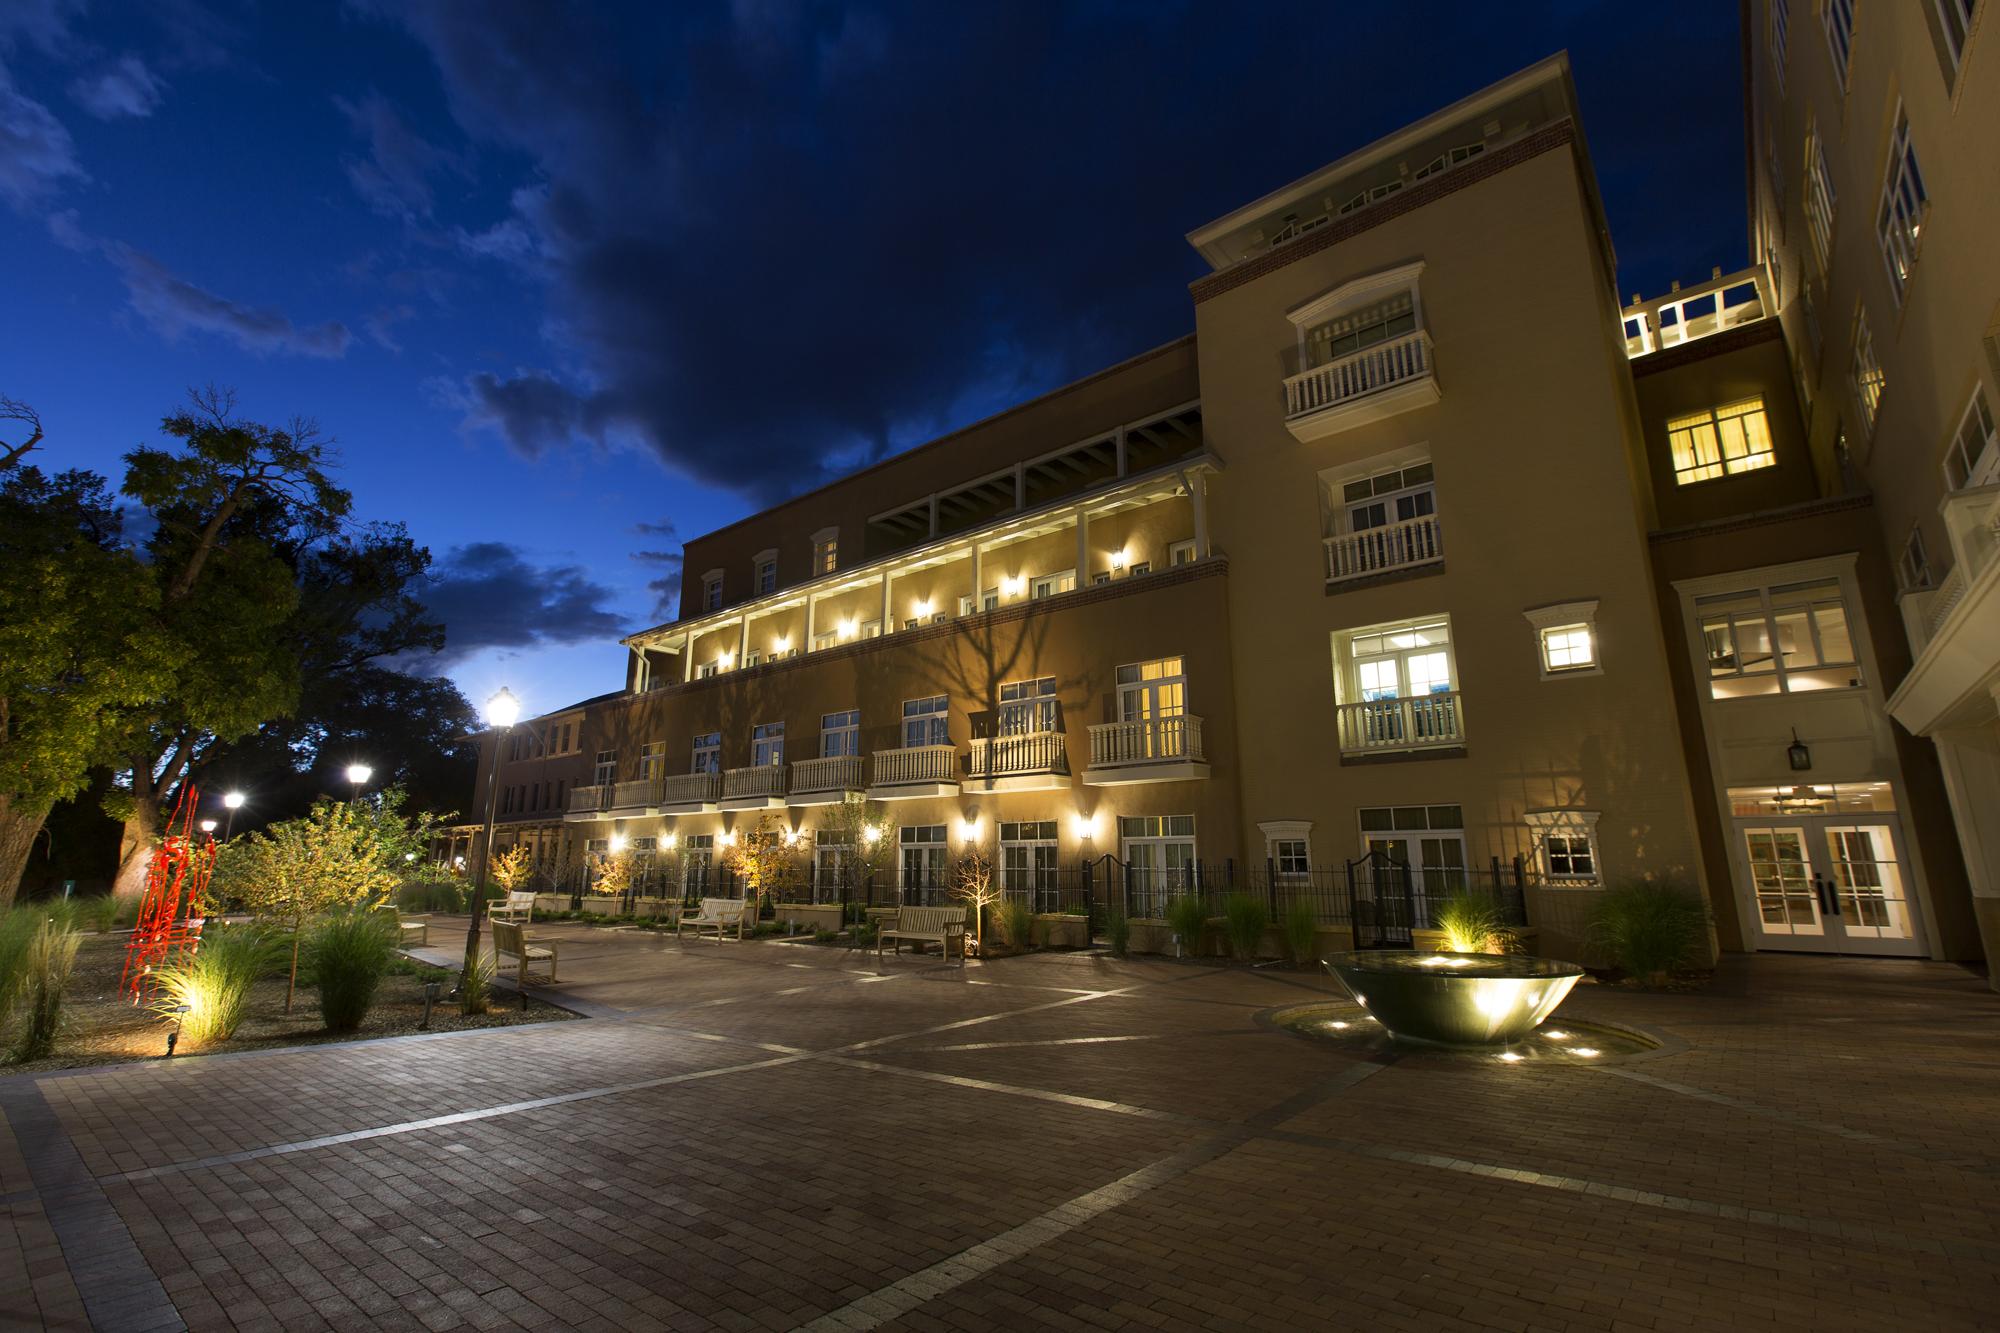 Drury Plaza Hotel Santa Fe